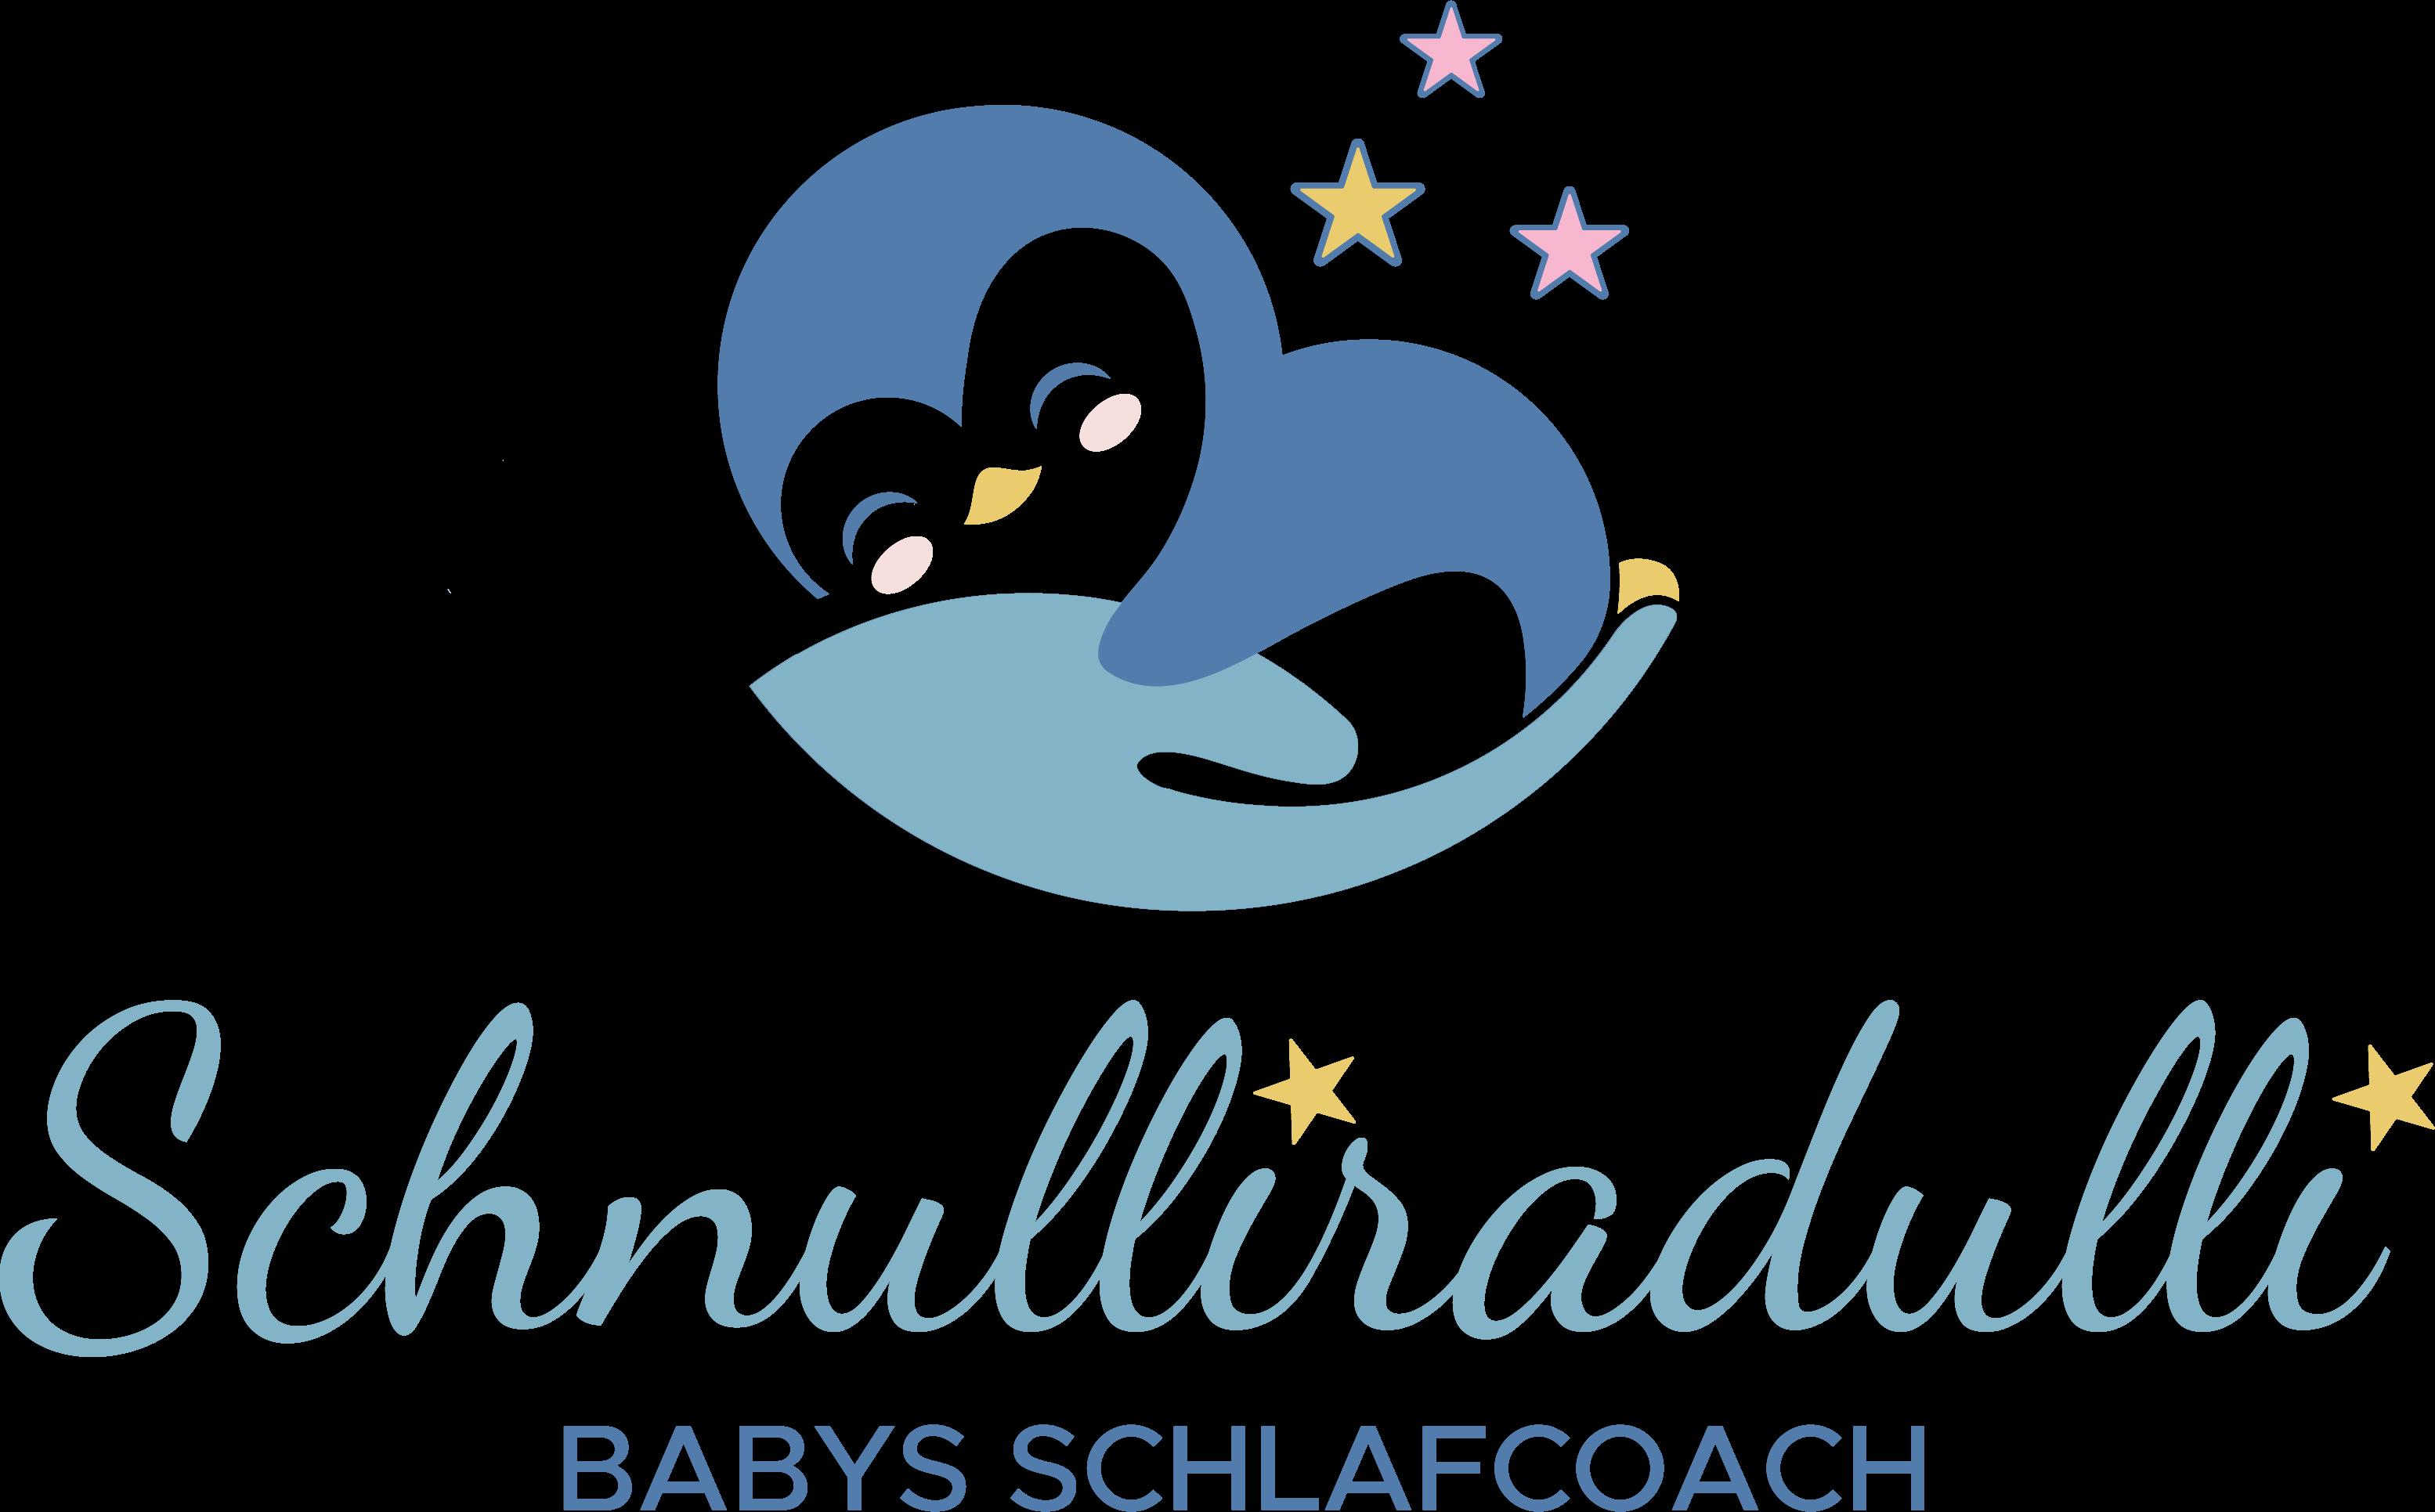 Schlafcoach für Babys und Kleinkinder | Schnulliradulli